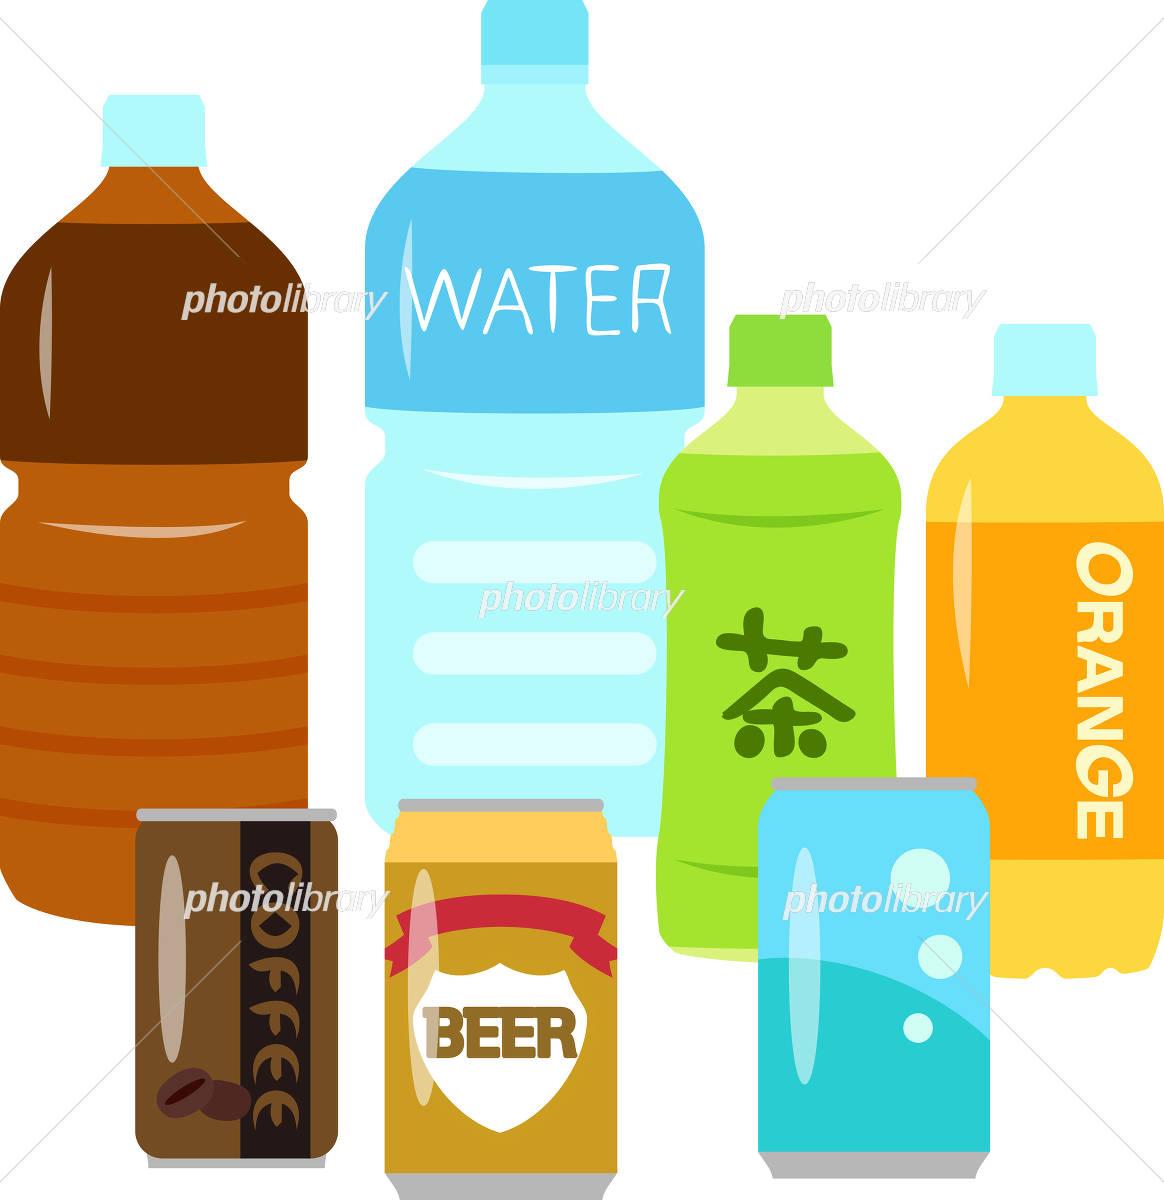 ペットボトルや缶入りの飲み物 イラスト素材 4310690 フォトライブ